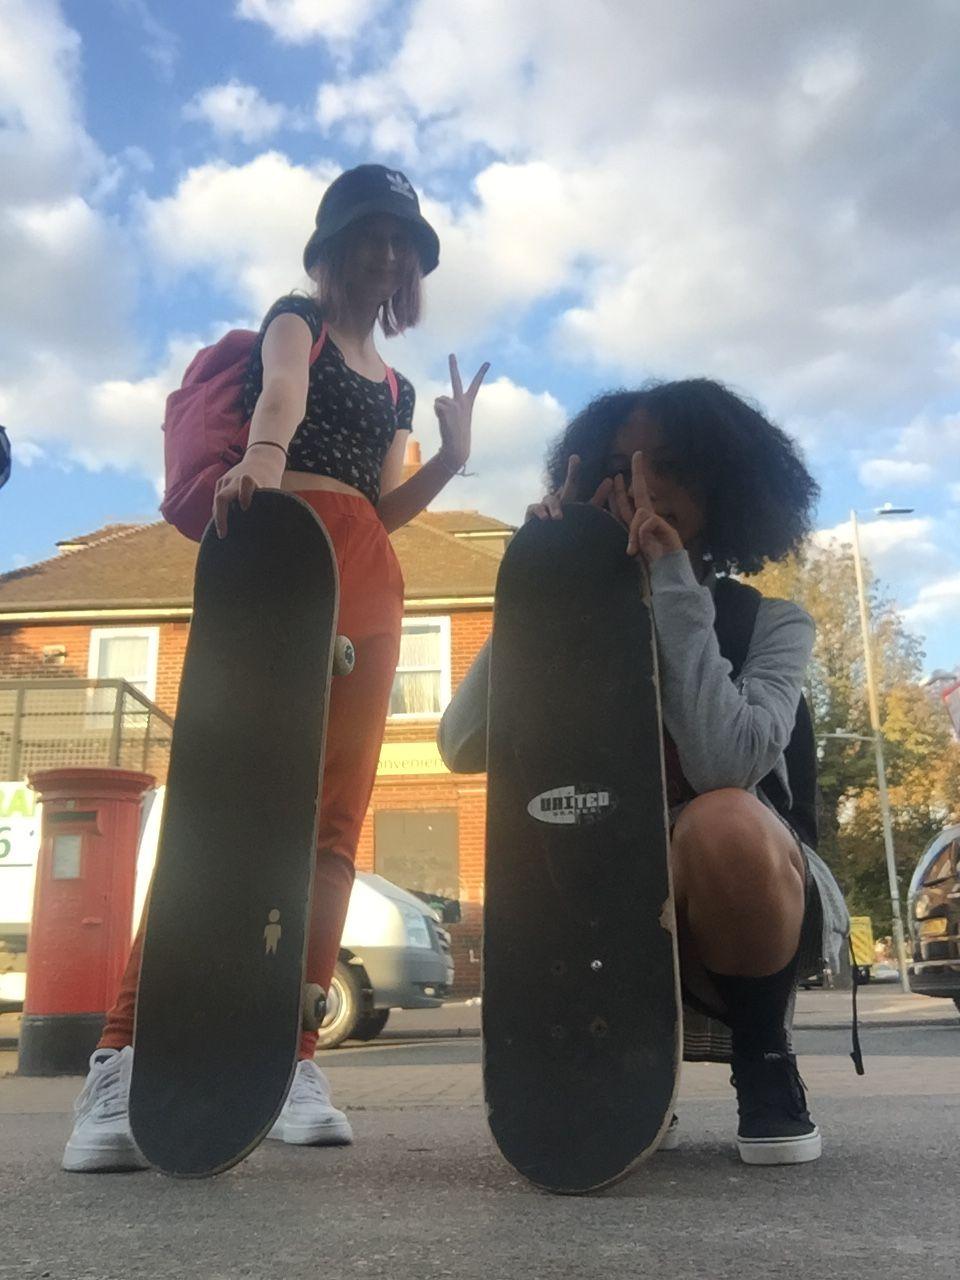 #skateboarding #skater #skating #skatergirl #aesthetic